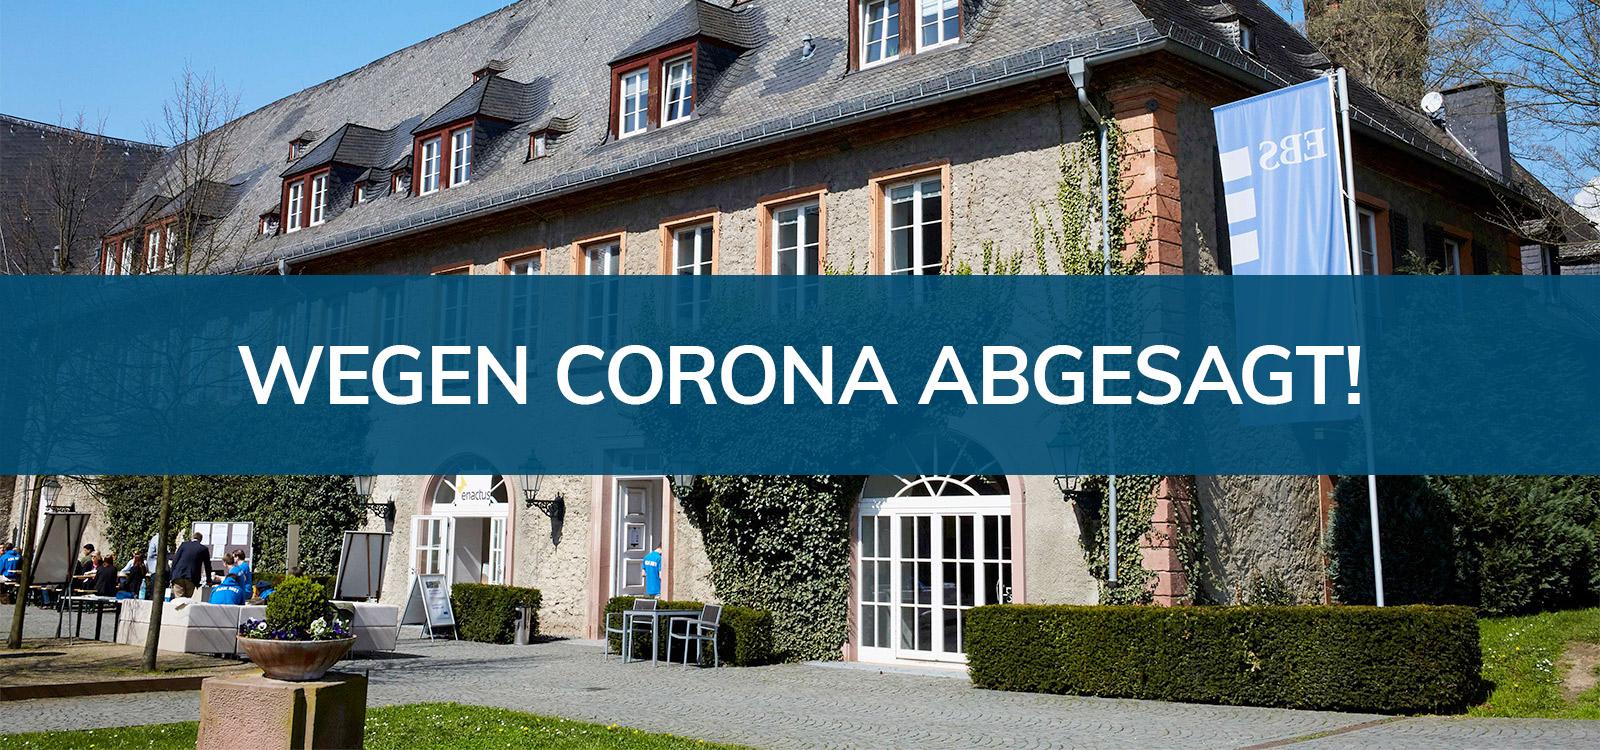 +++ WEGEN CORONA ABGESAGT +++ Symposium und Mitgliederversammlung am Samstag, 14. November 2020